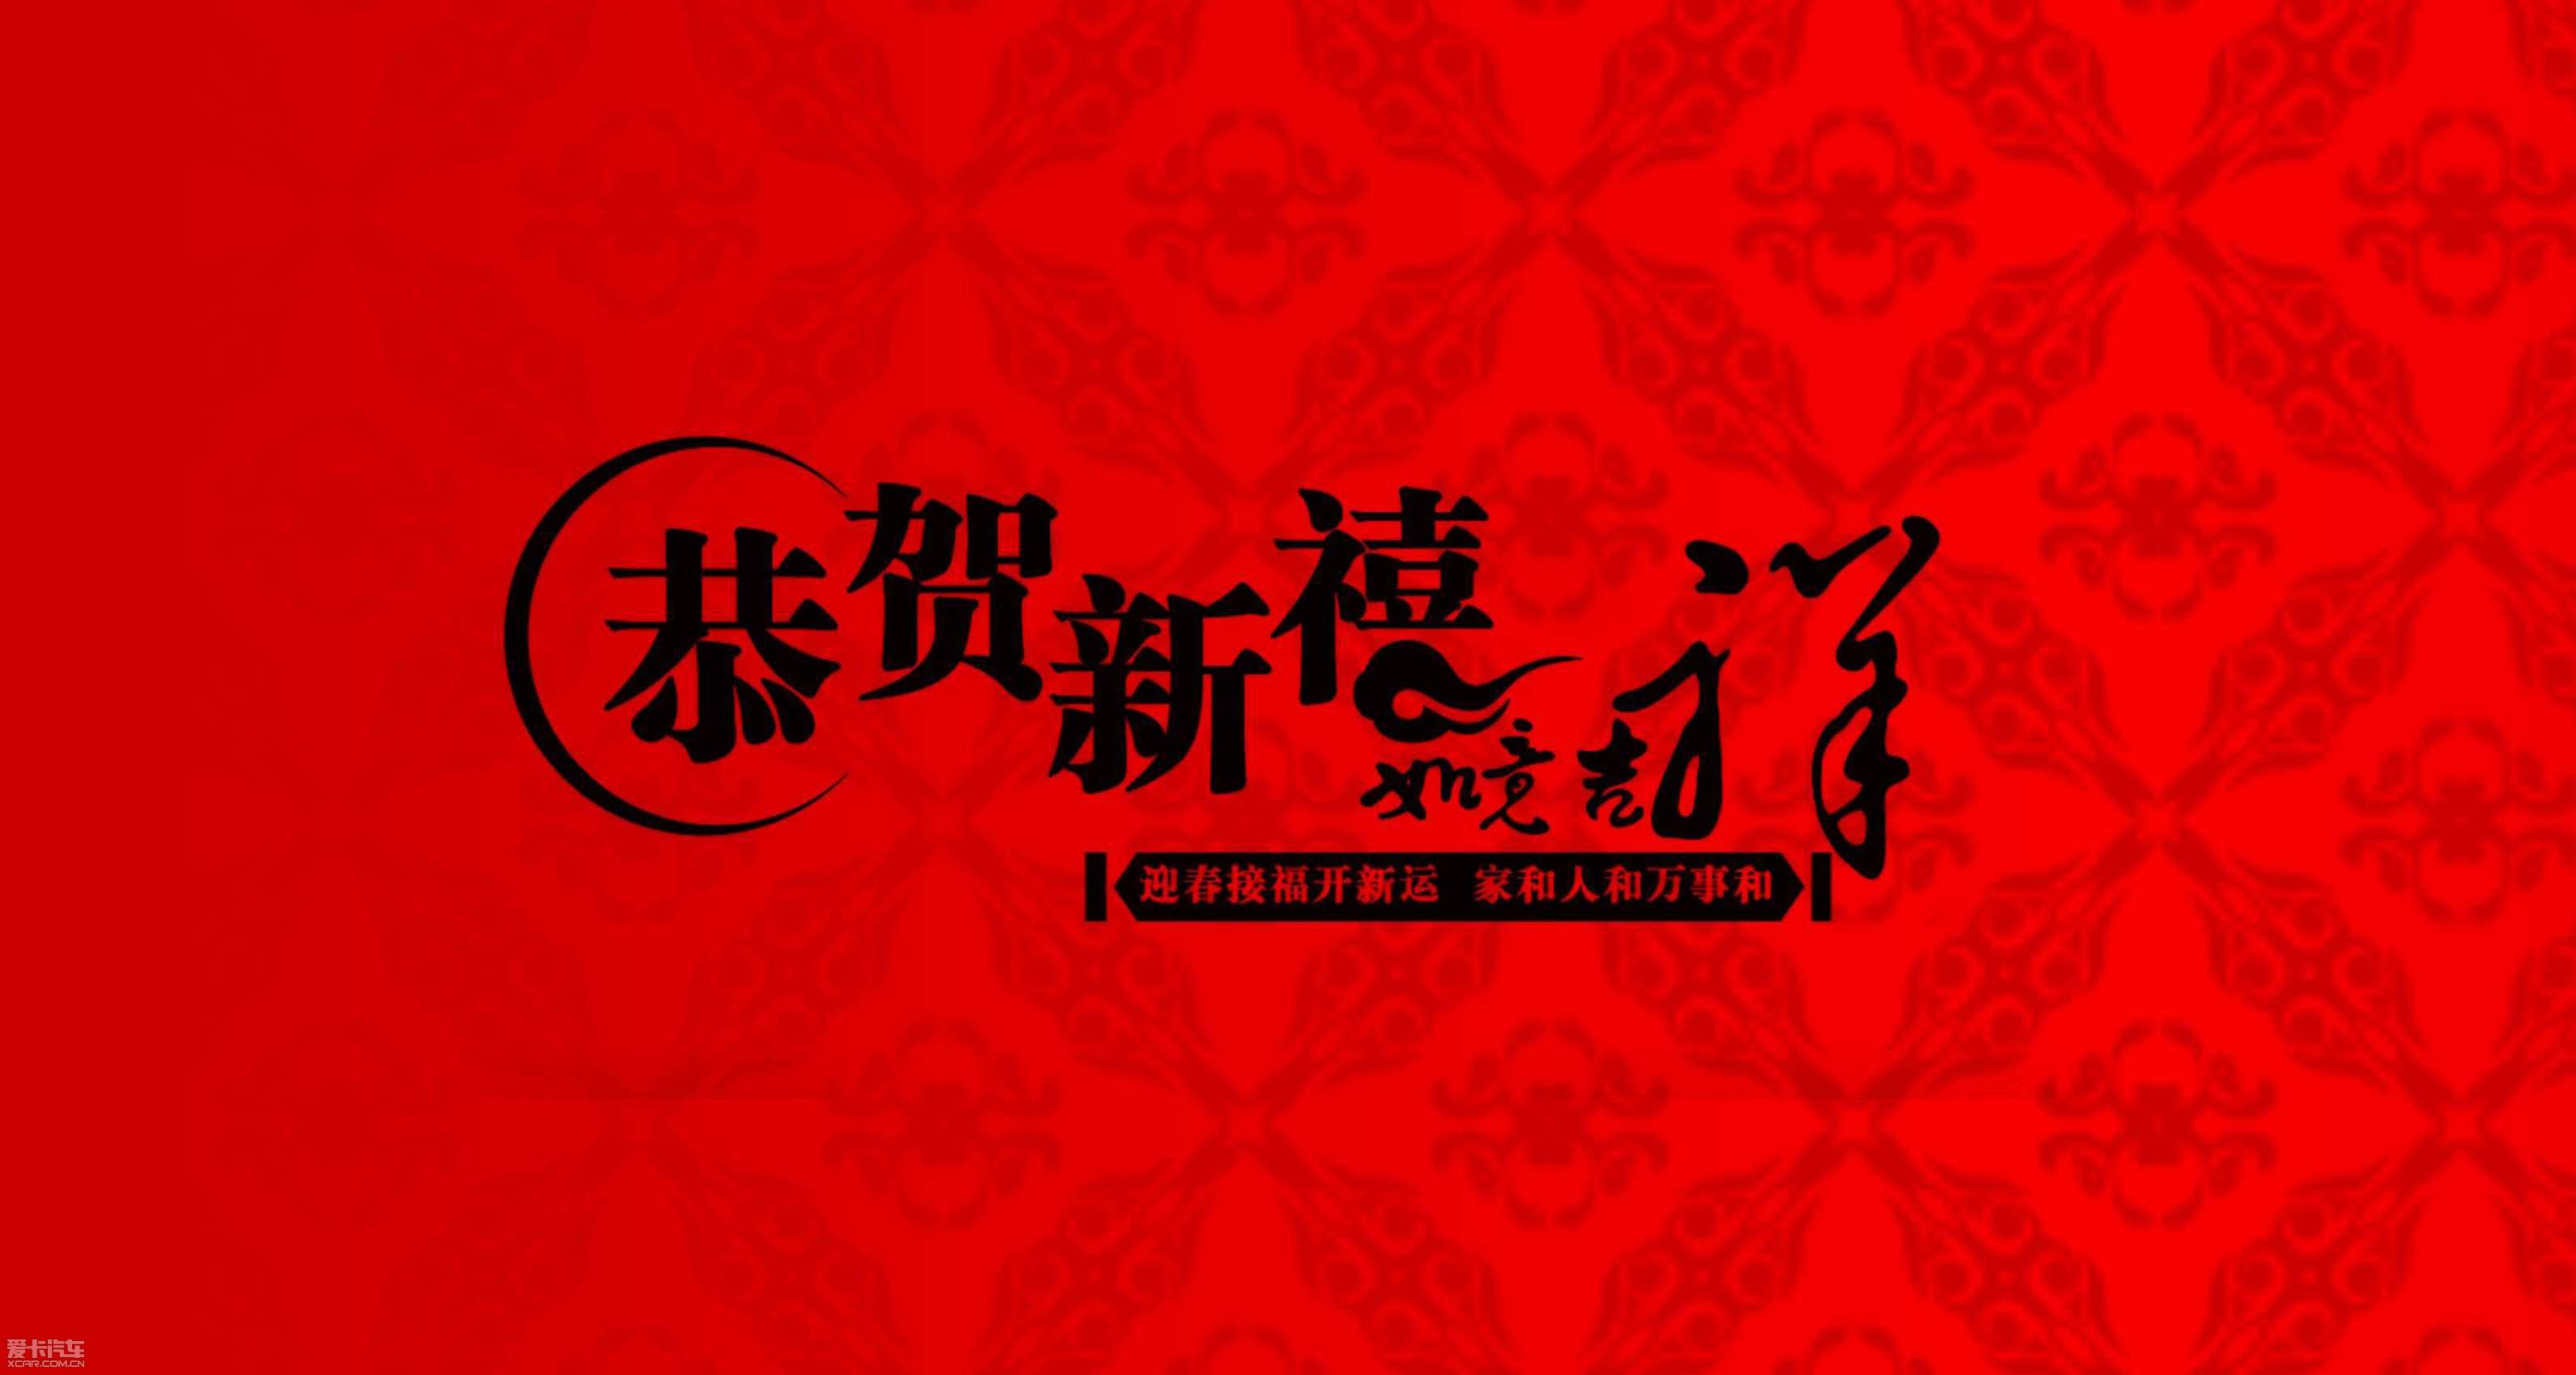 永达斯柯达春节放假通知 _銆惿虾S来锇褪科迪